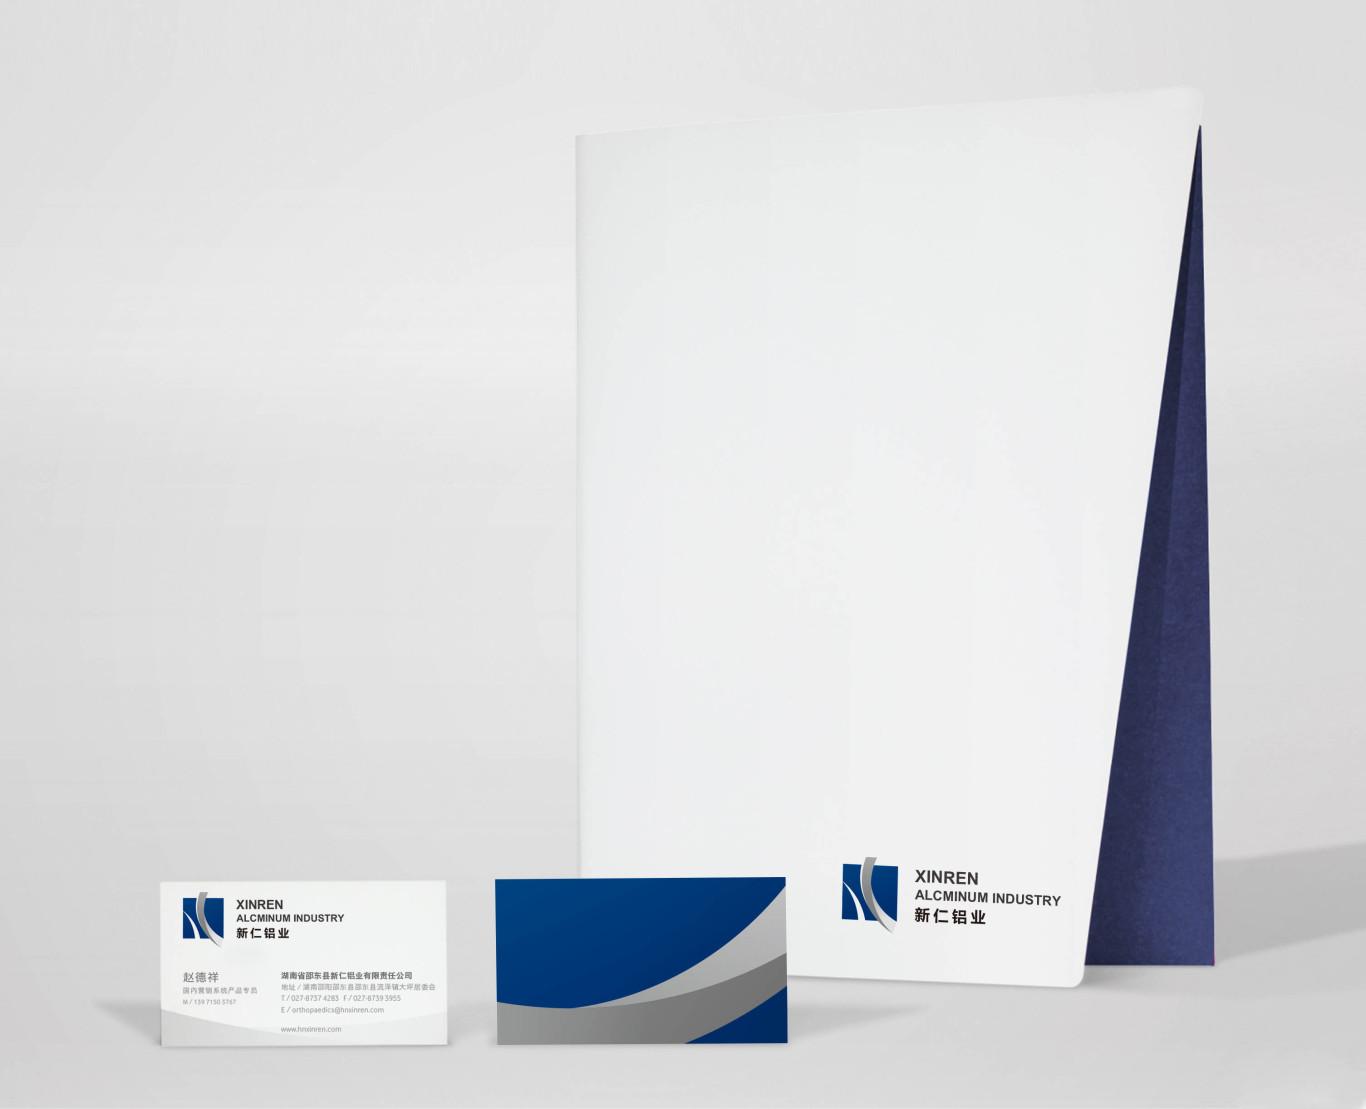 新仁铝业标志形象设计图3